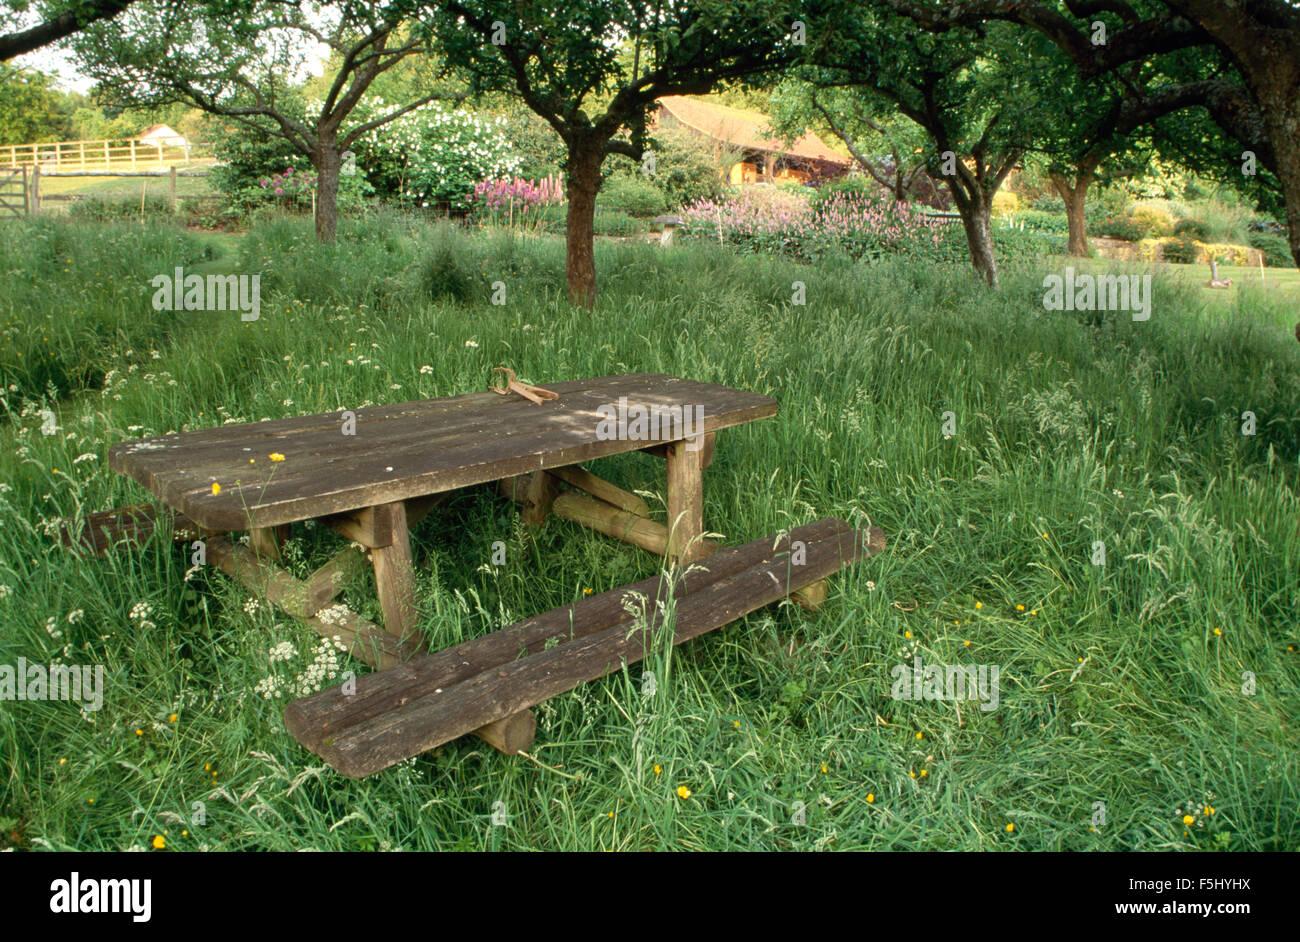 Sensational Rustic Wooden Bench Table In Long Grass Below Trees In Large Inzonedesignstudio Interior Chair Design Inzonedesignstudiocom